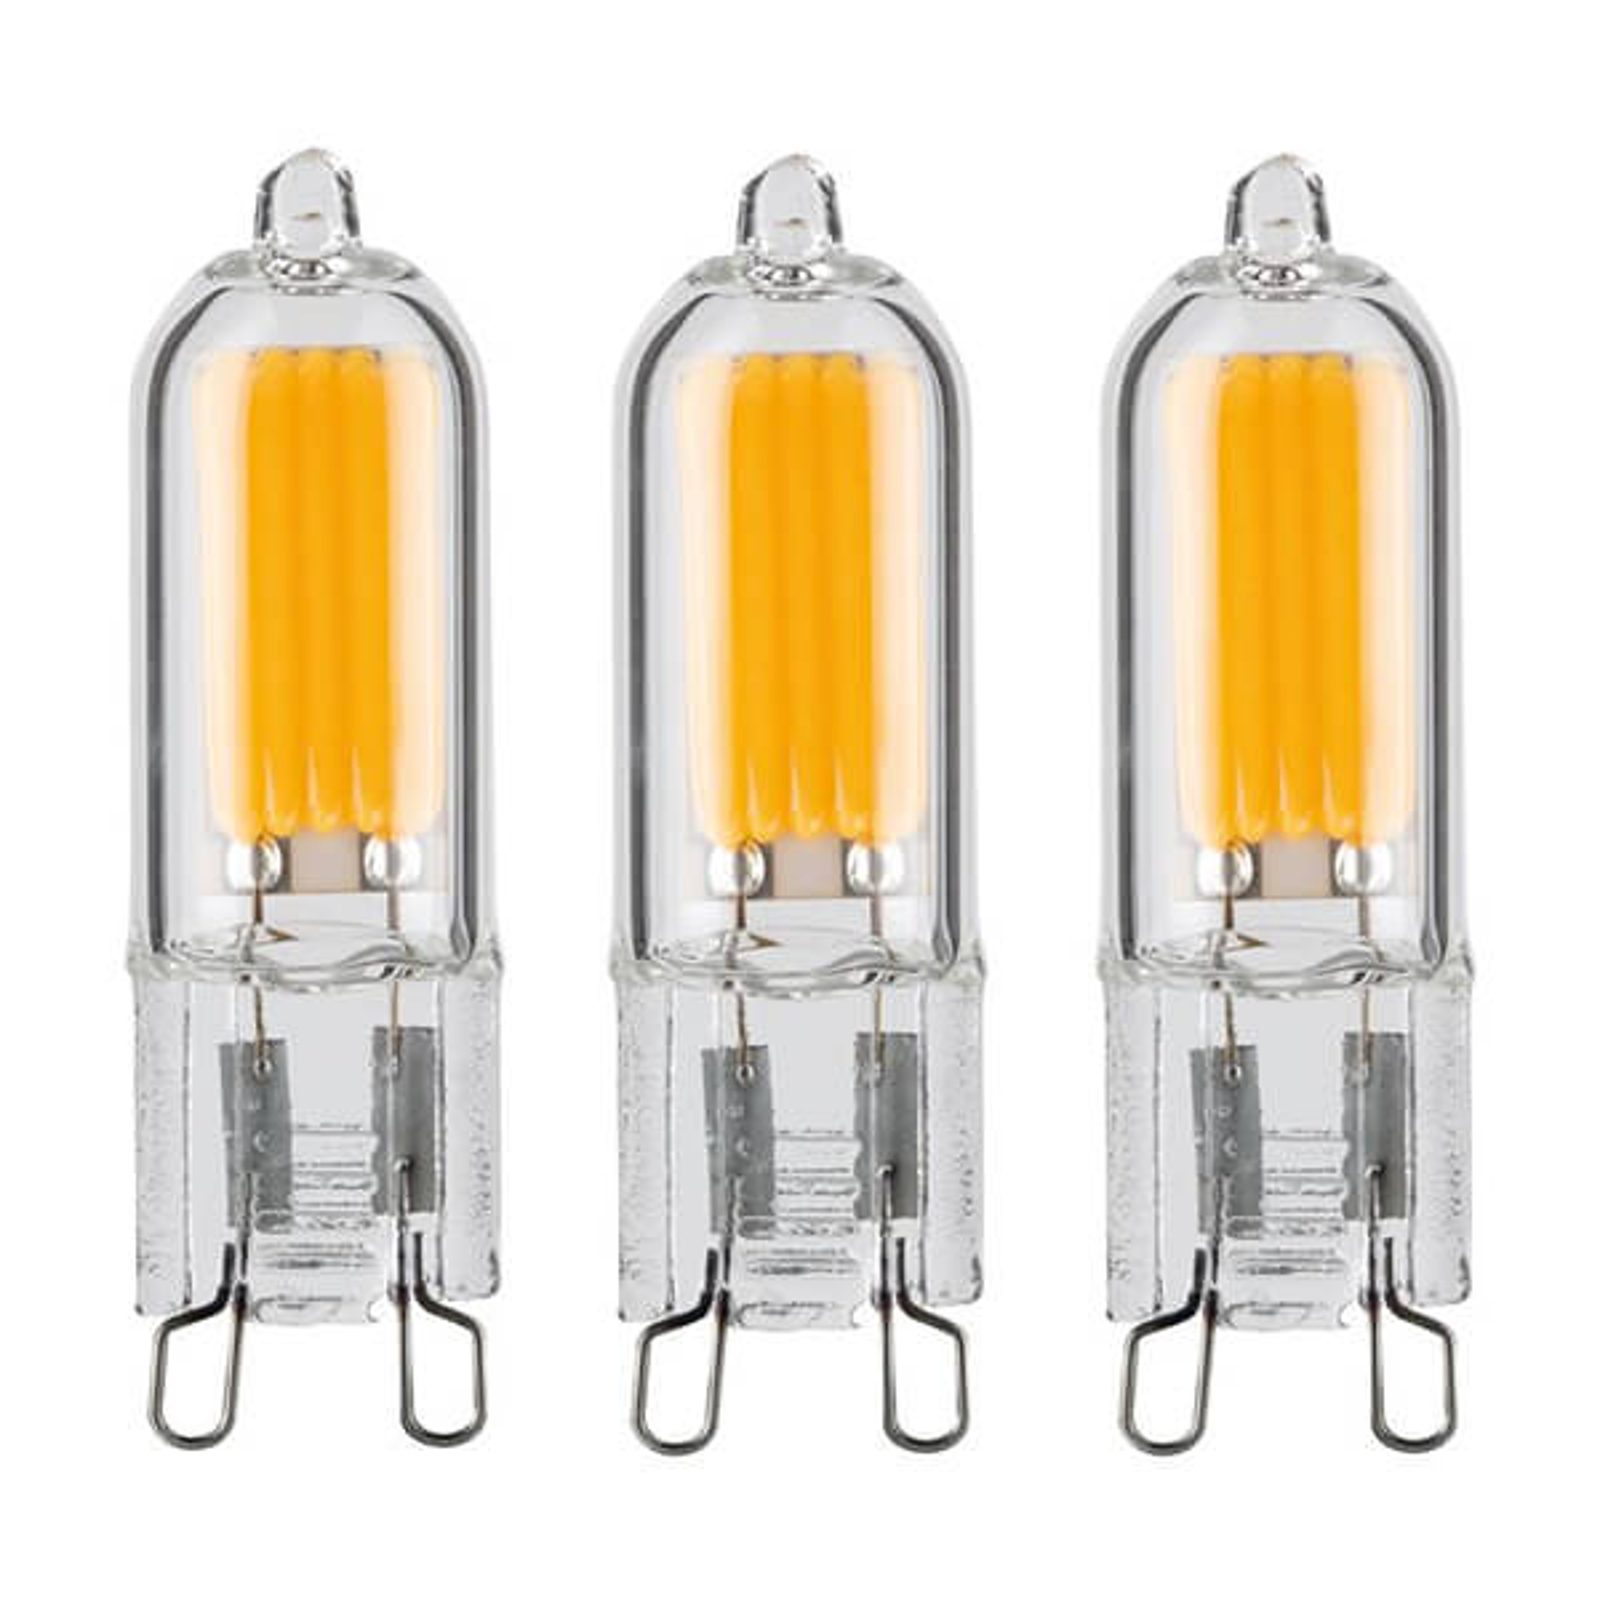 Ampoule à broche LED G9 2W, blanc chaud, set de 3